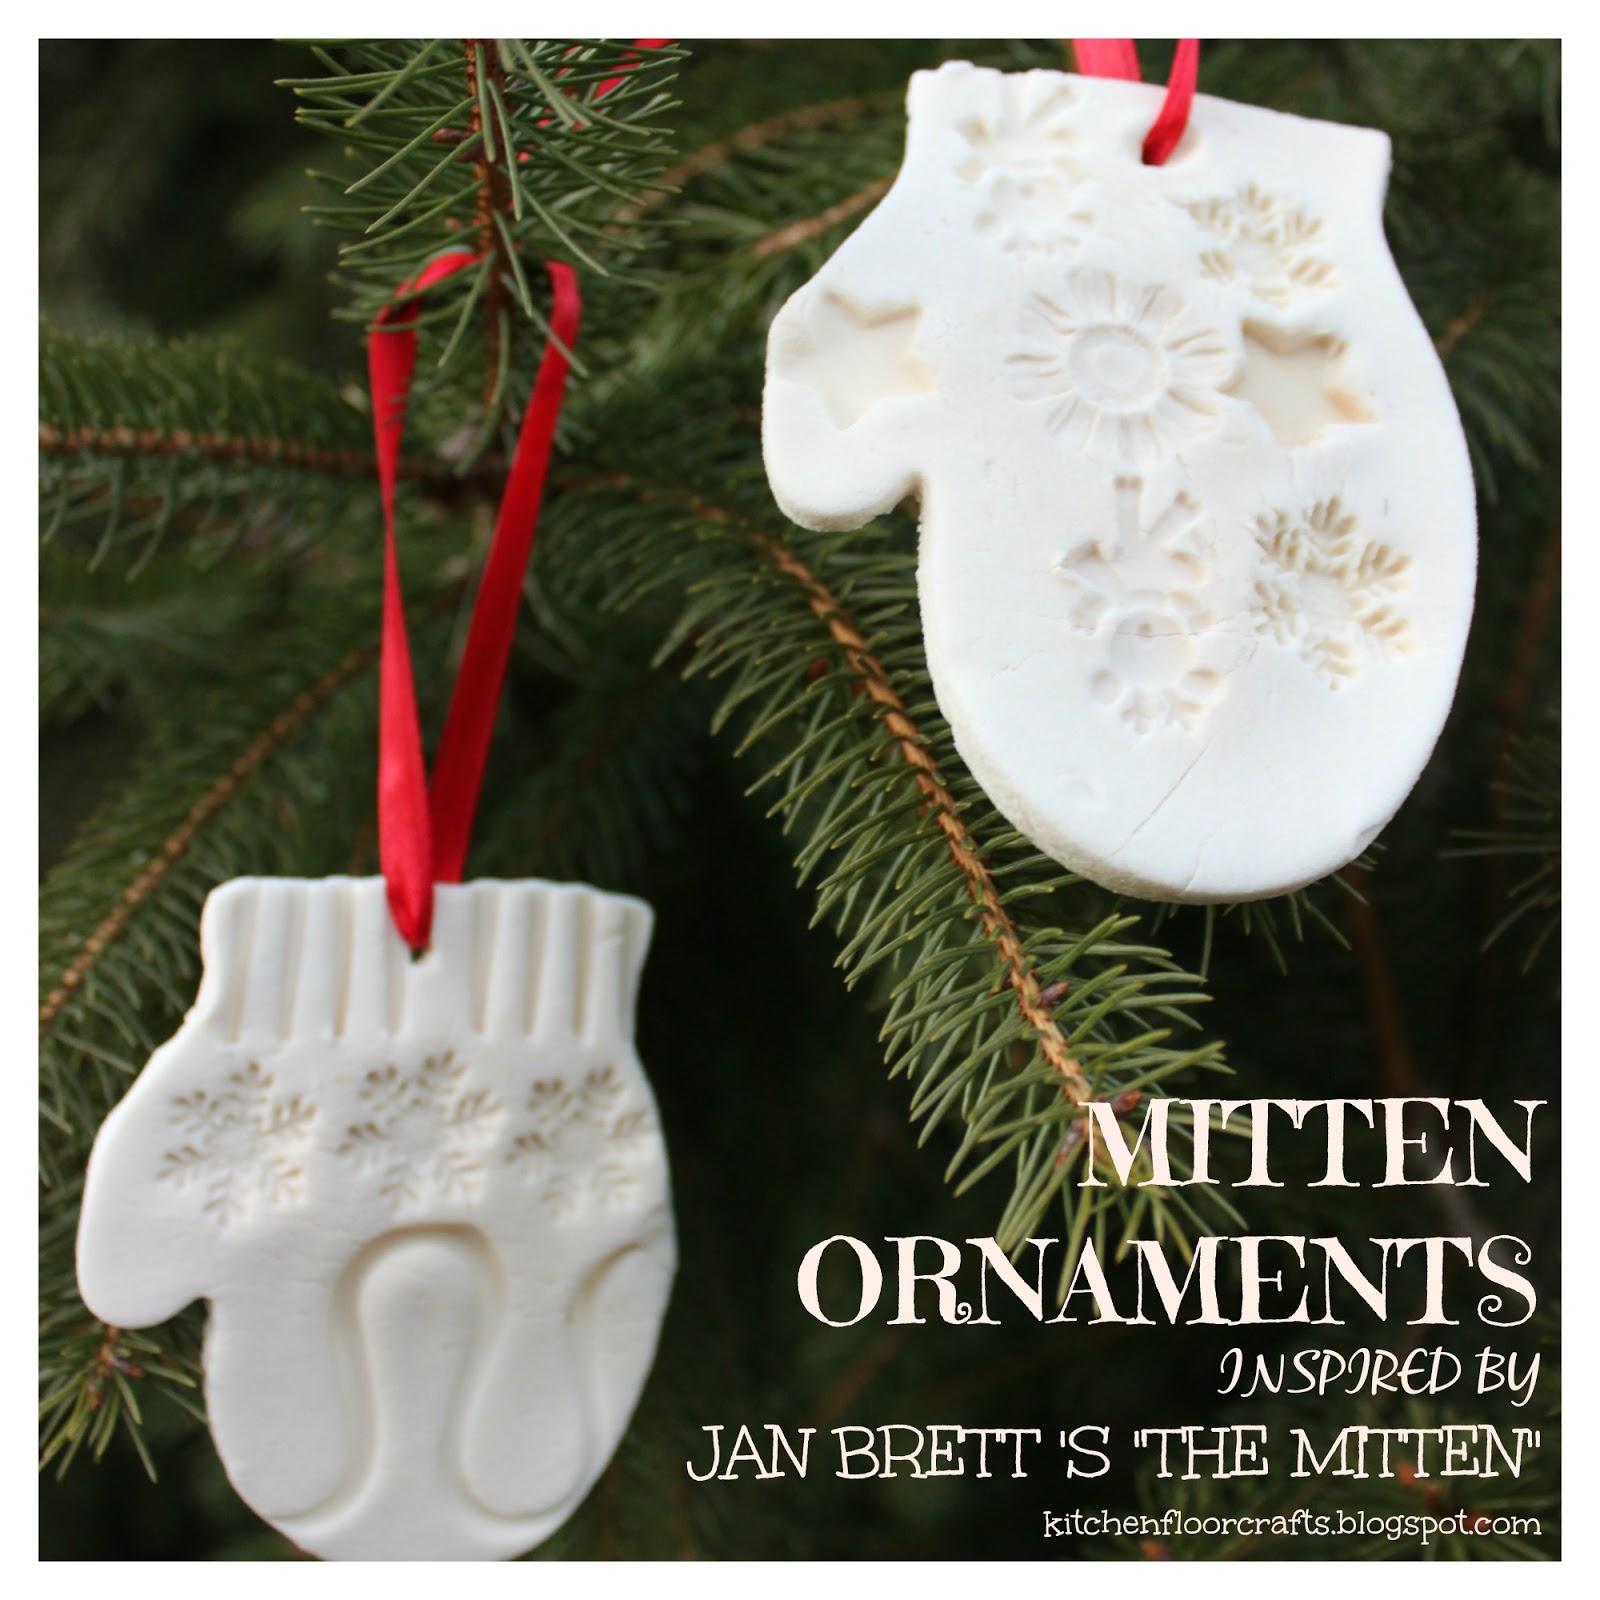 Kitchen Floor Crafts: Mitten Ornaments Inspired by Jan Brett\'s \